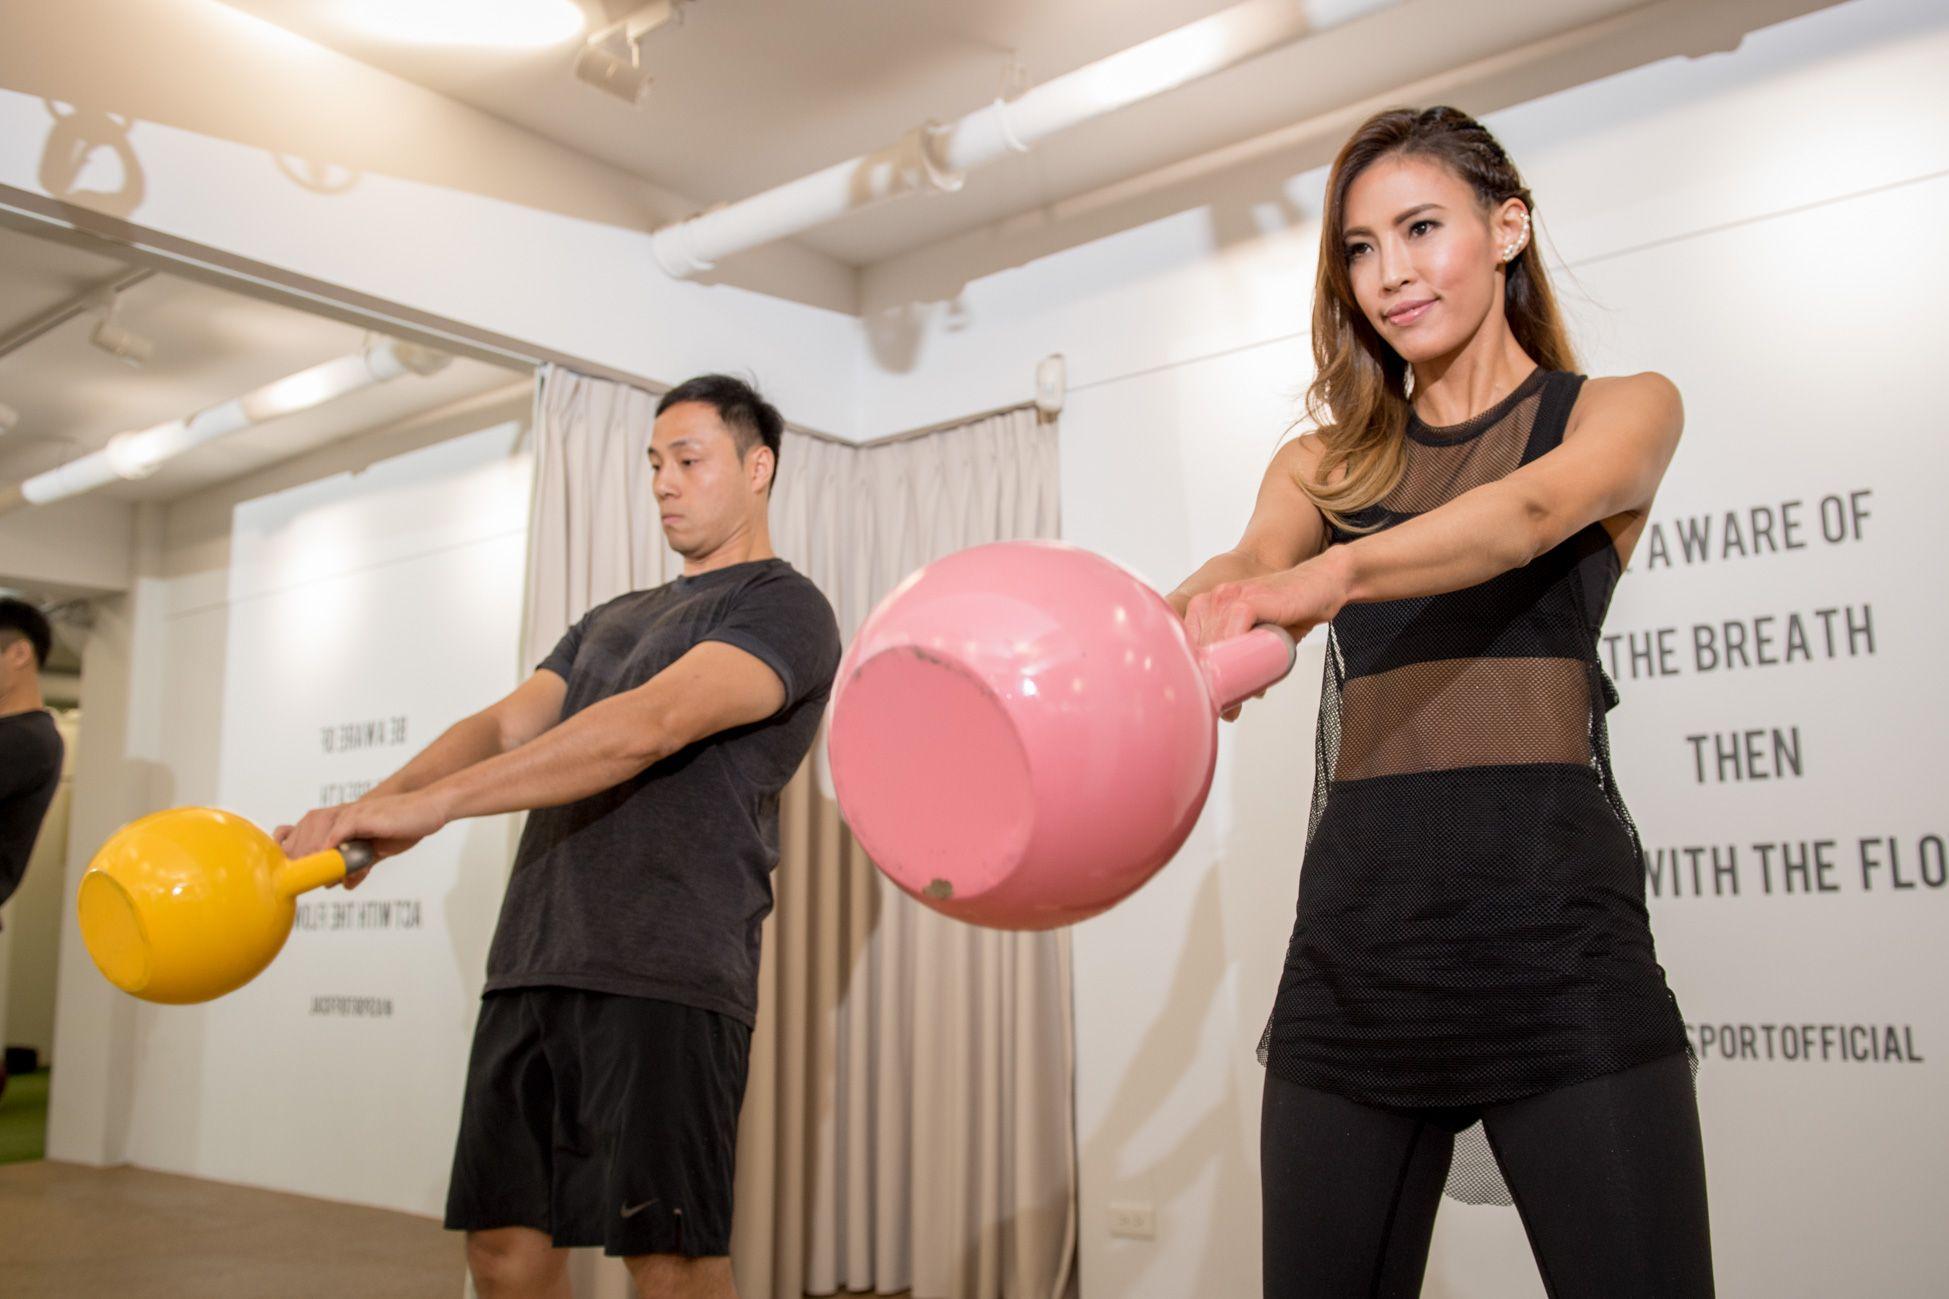 時尚名人孫幼恩的健身心法:「透過規律的運動,讓我覺得能控制自己的身體狀態是一種成就感與驕傲,」